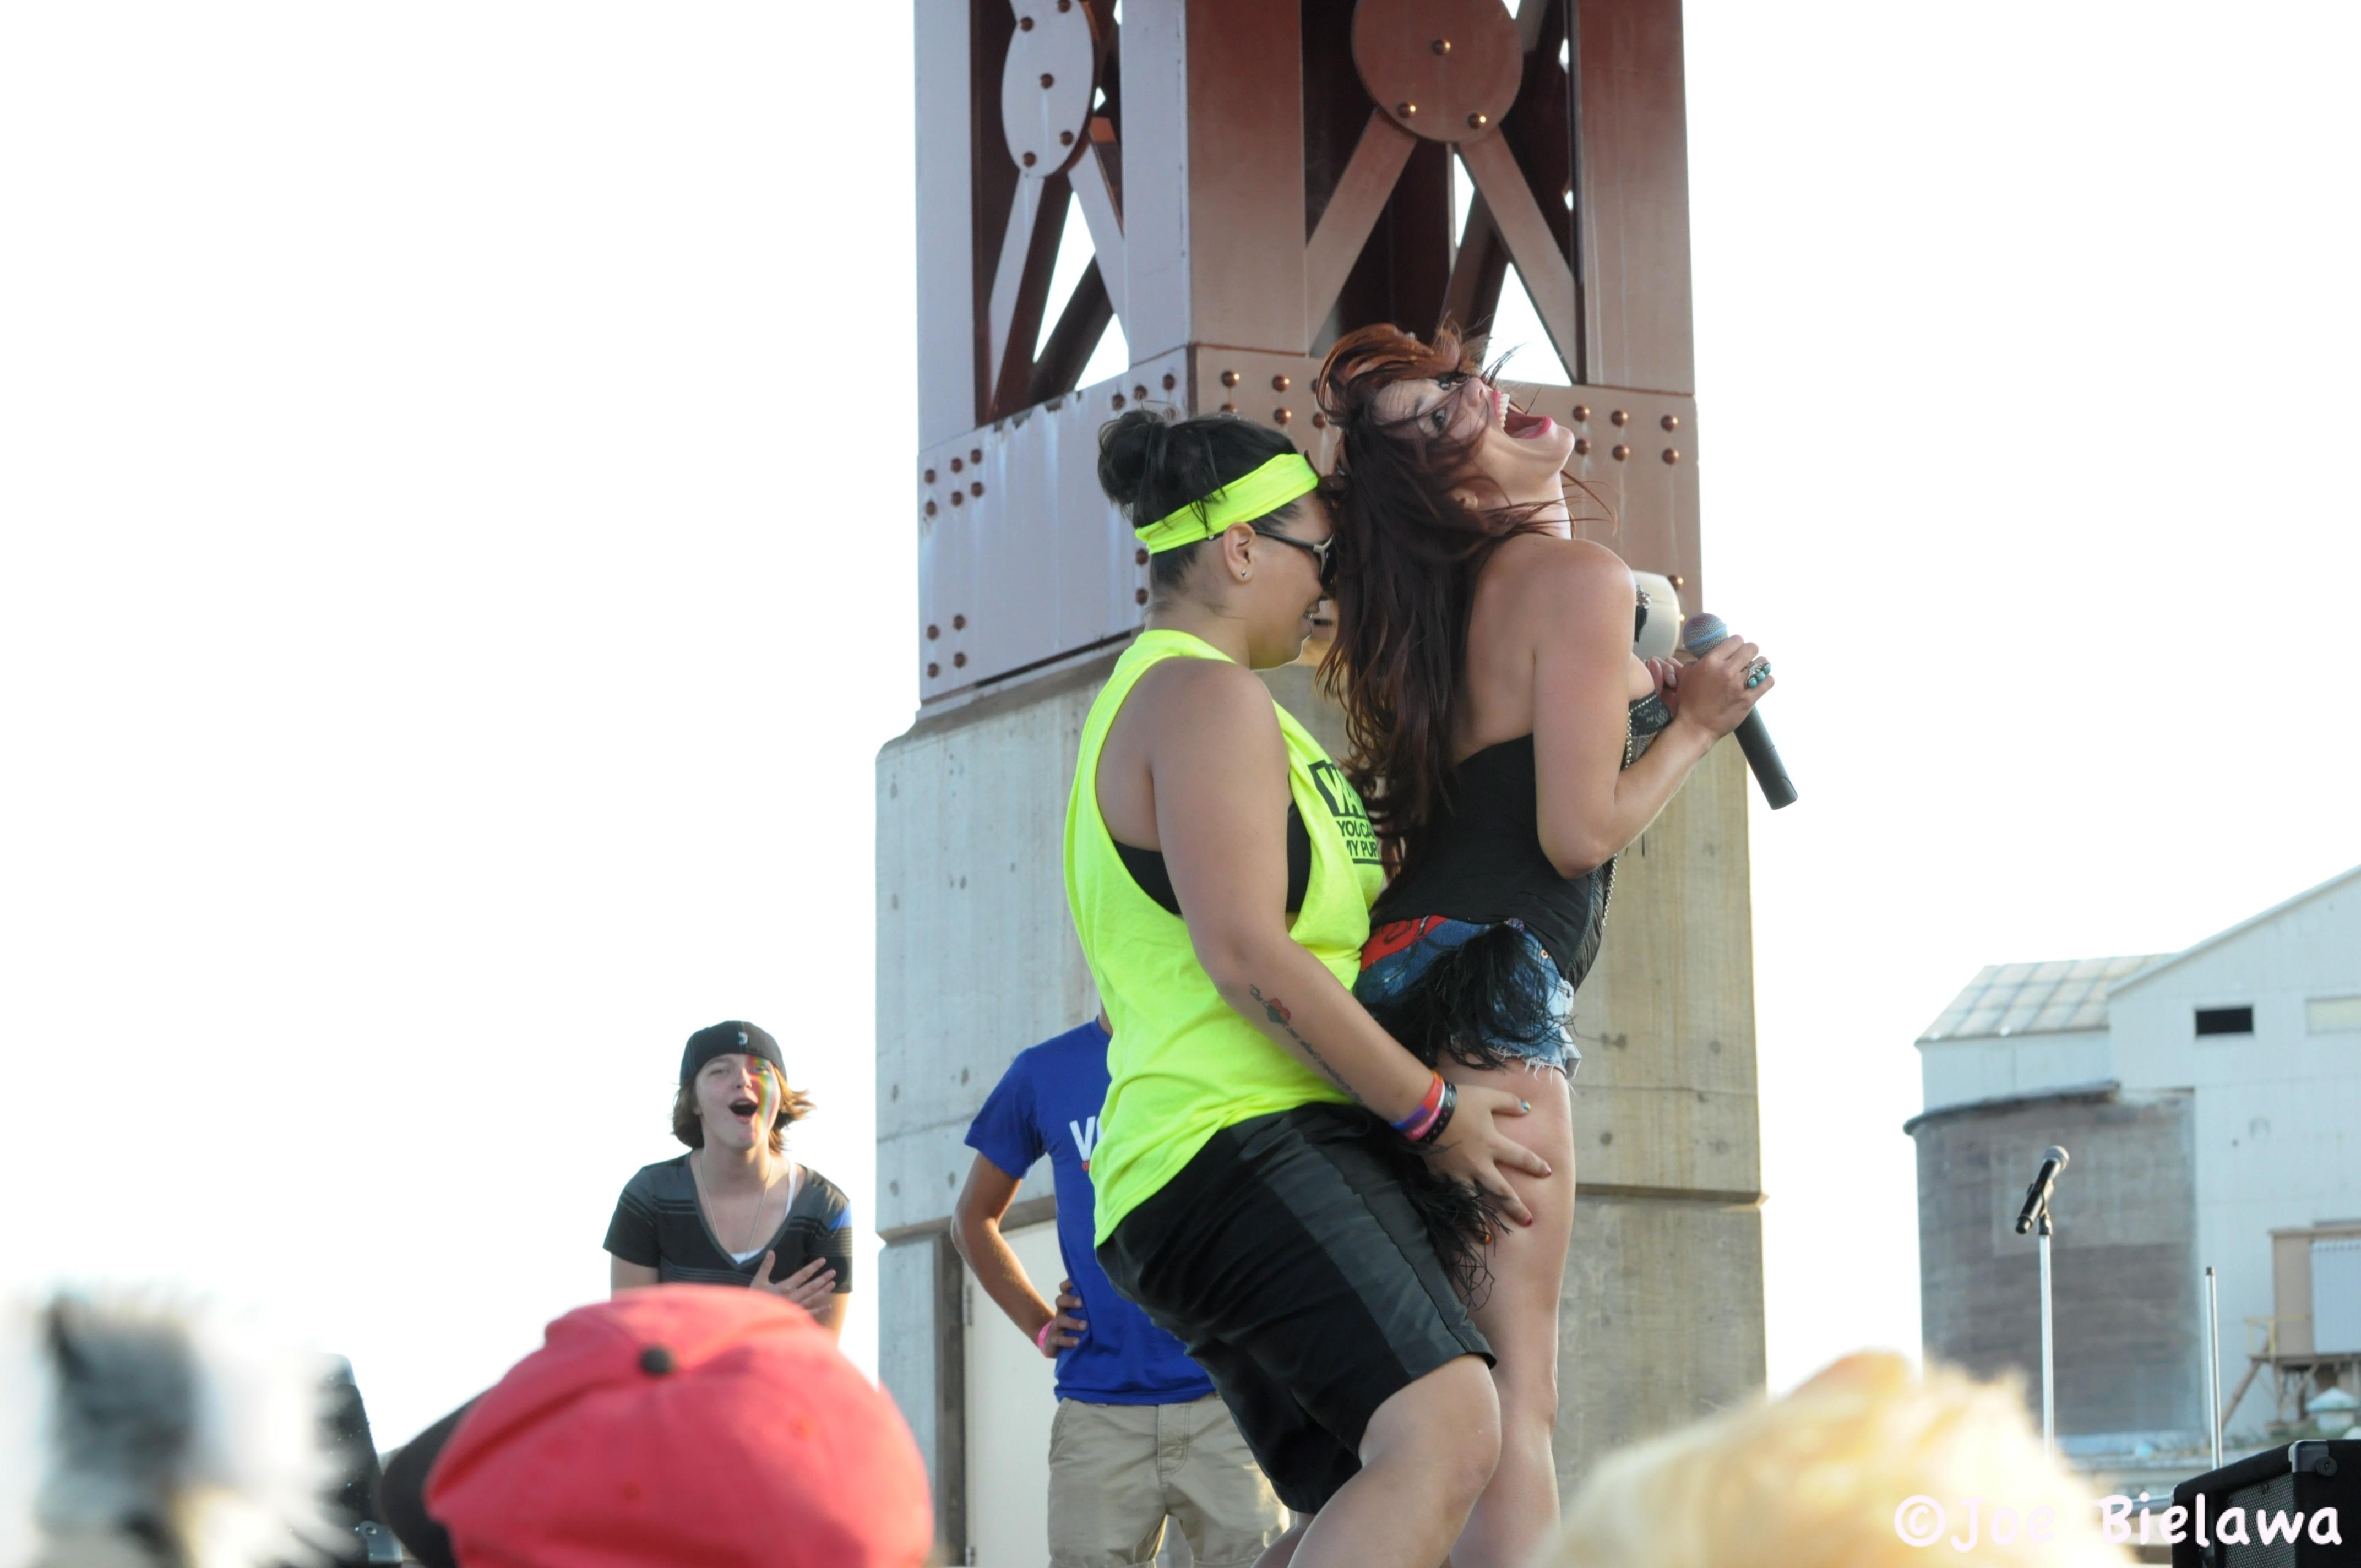 File:Jessica Sutta - DS Pride -DSC 2617- 9.1.12 (7925268492